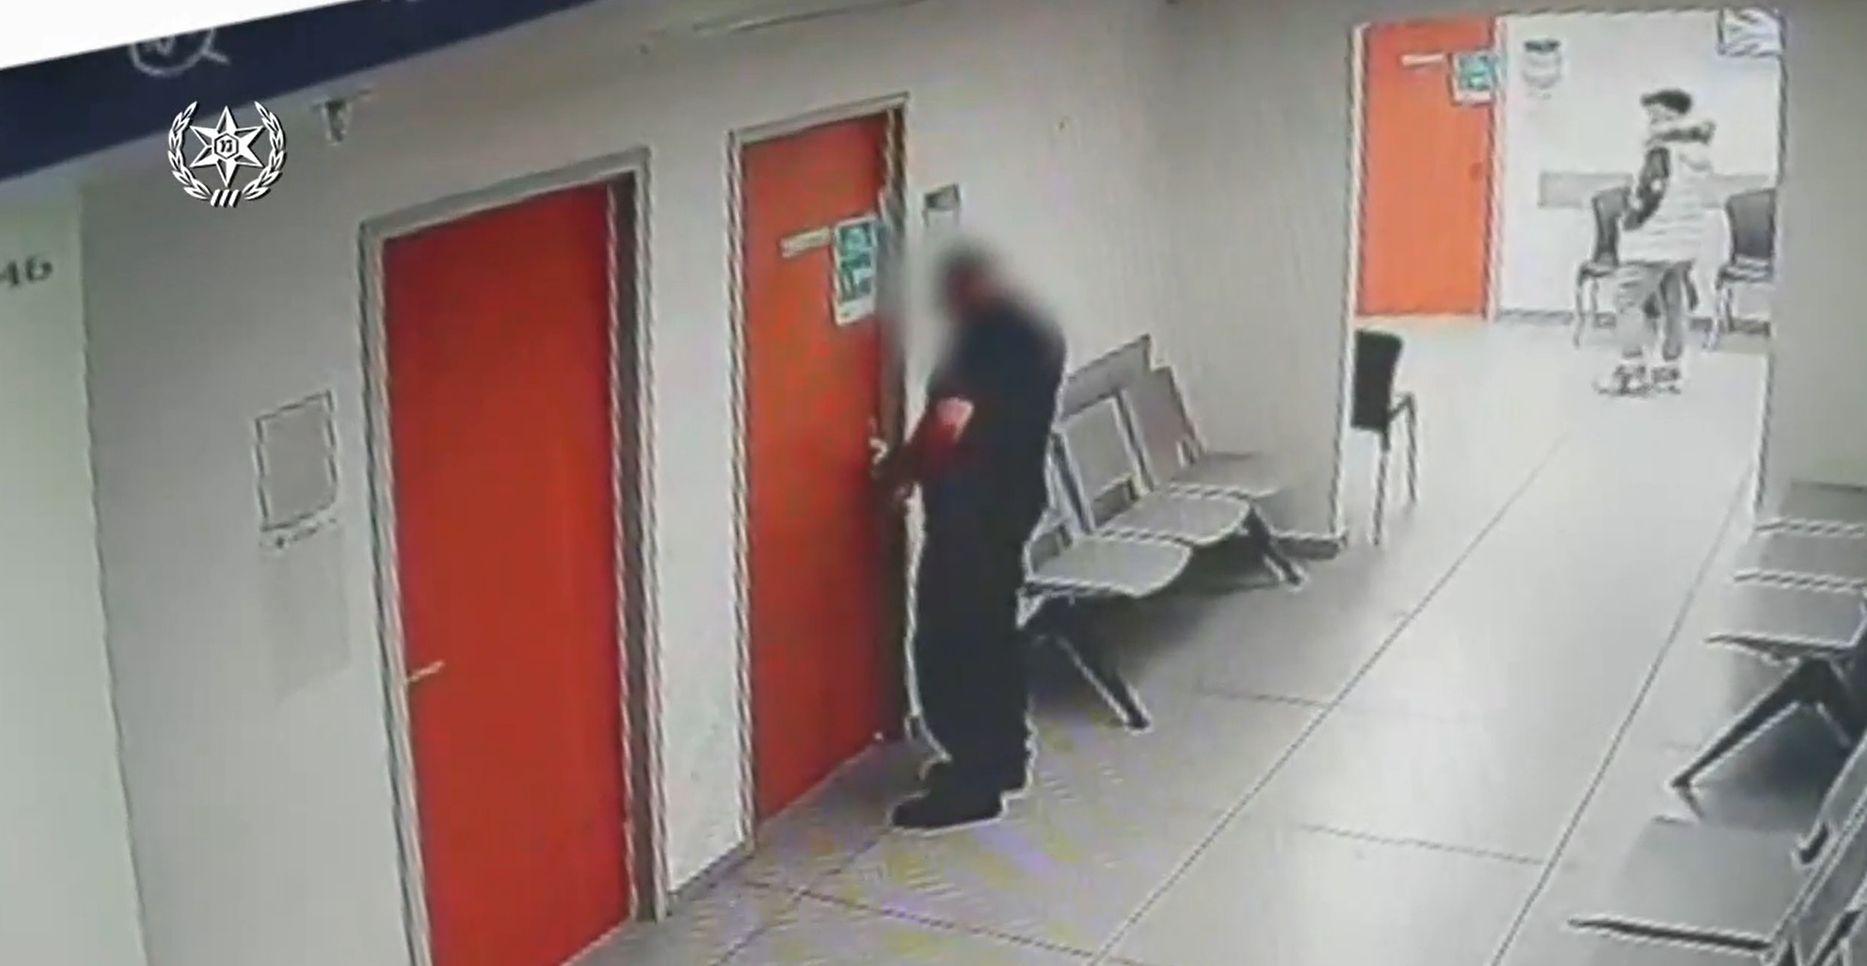 החשוד בפעולה- צילום ממצלמות האבטחה, דוברות משטרת ישראל